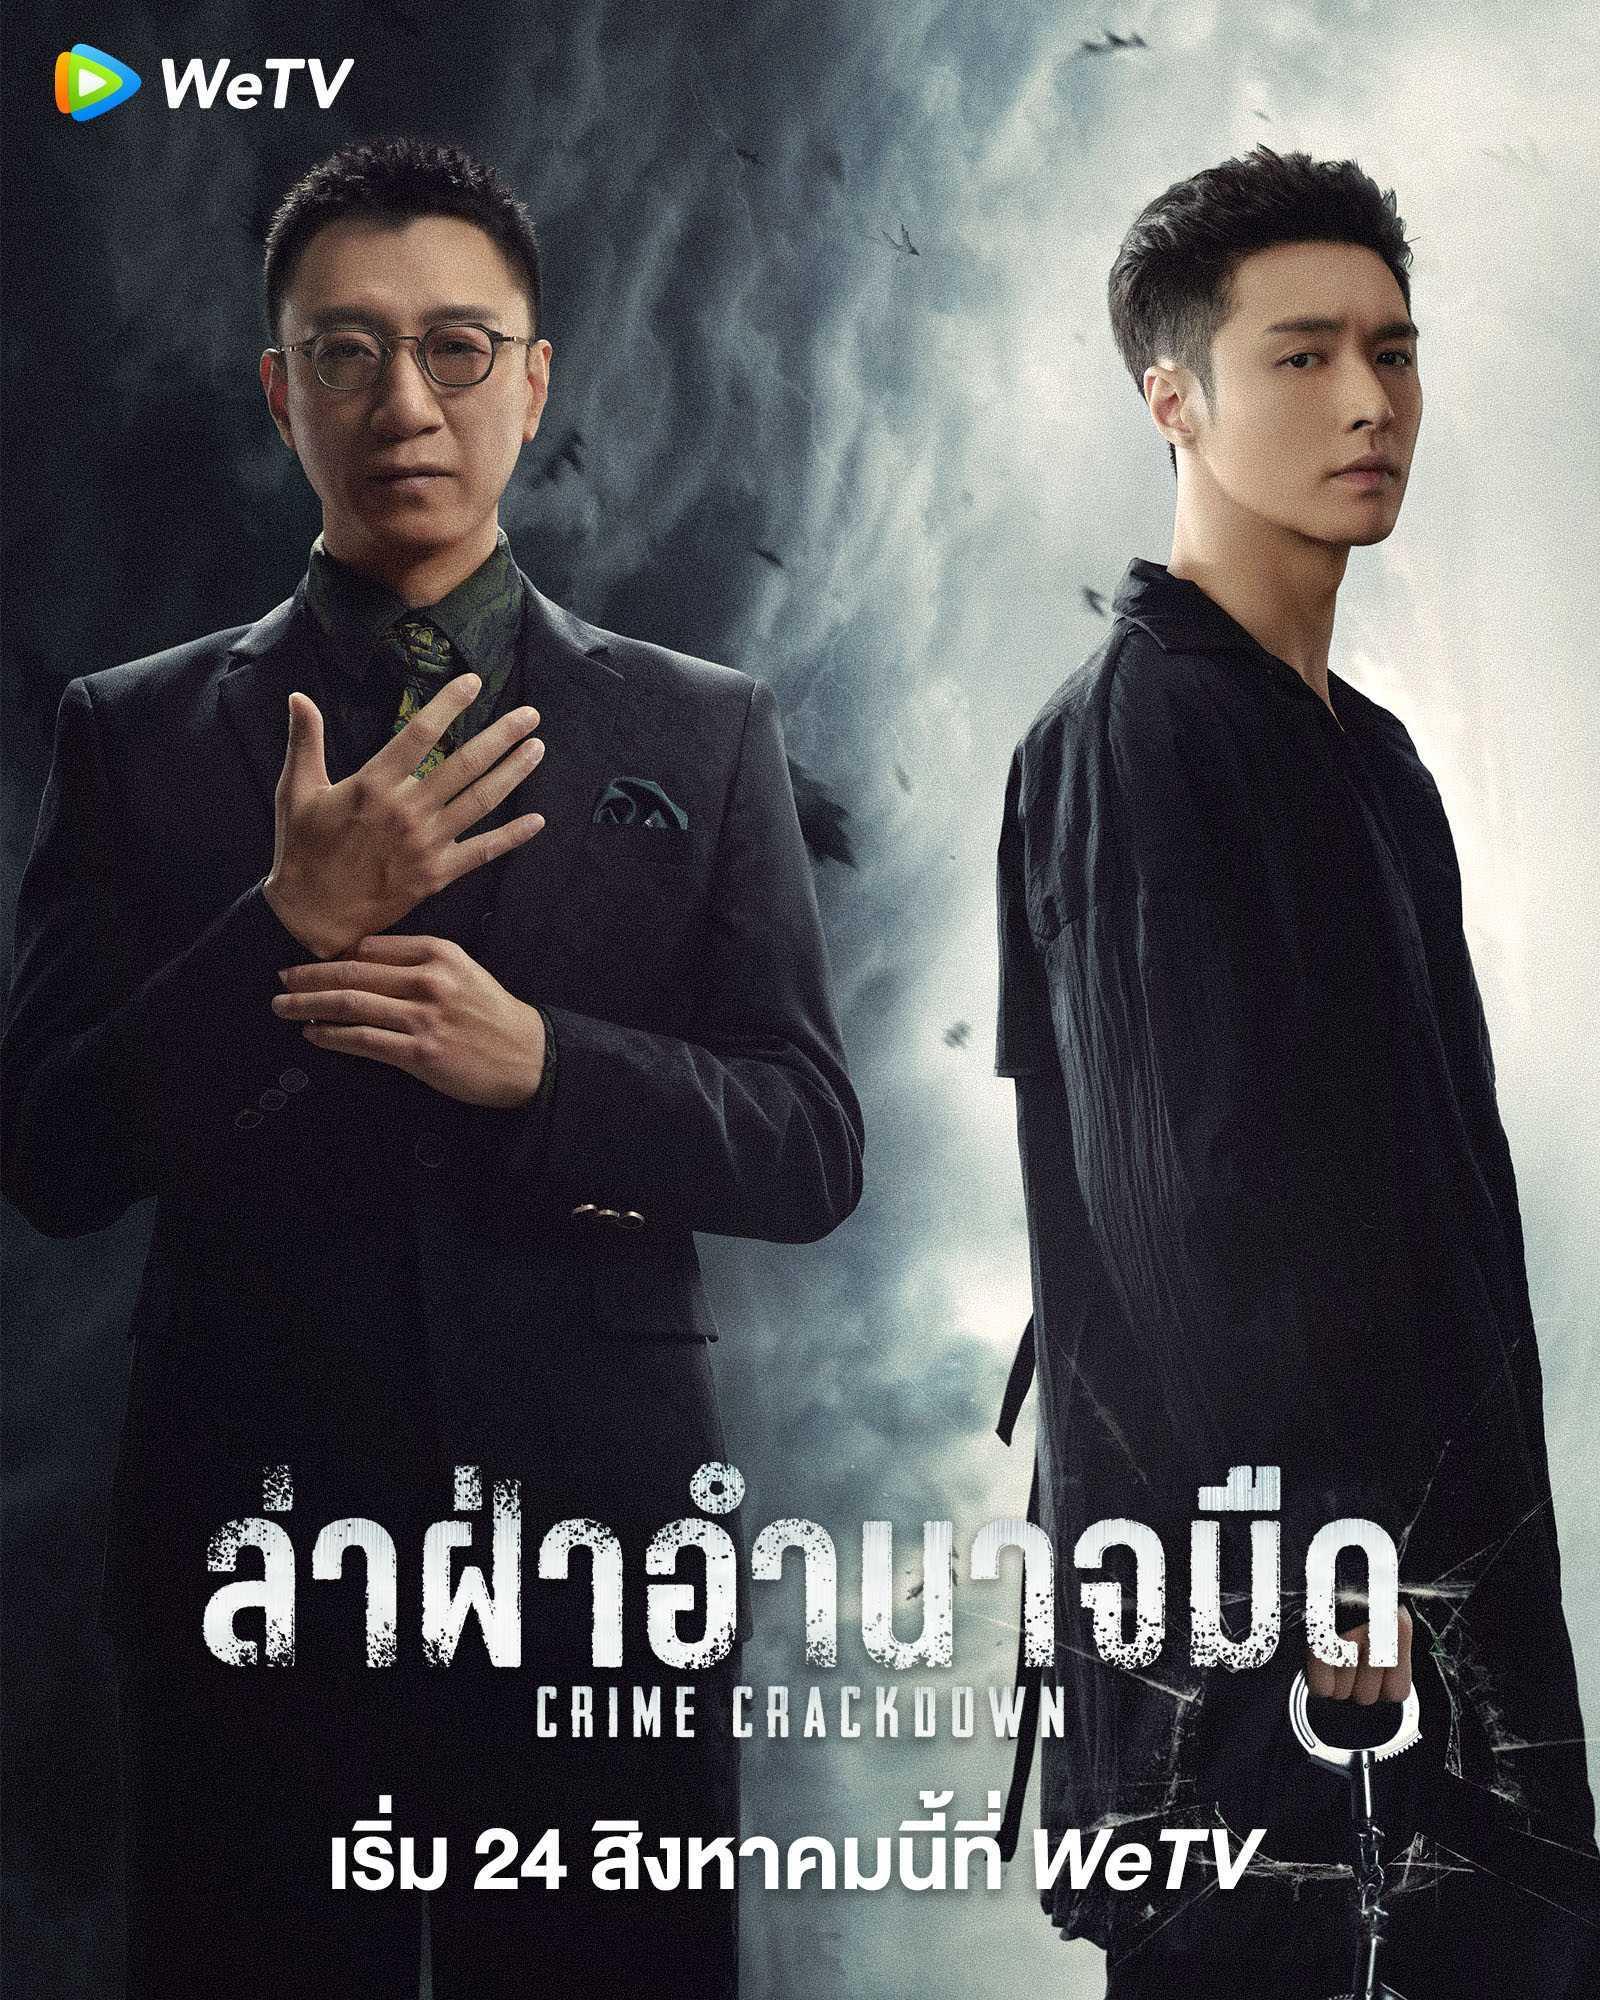 ล่าฝ่าอำนาจมืด-crime-crackdown-2021-ซับไทย-ตอนที่-1-28-จบ-